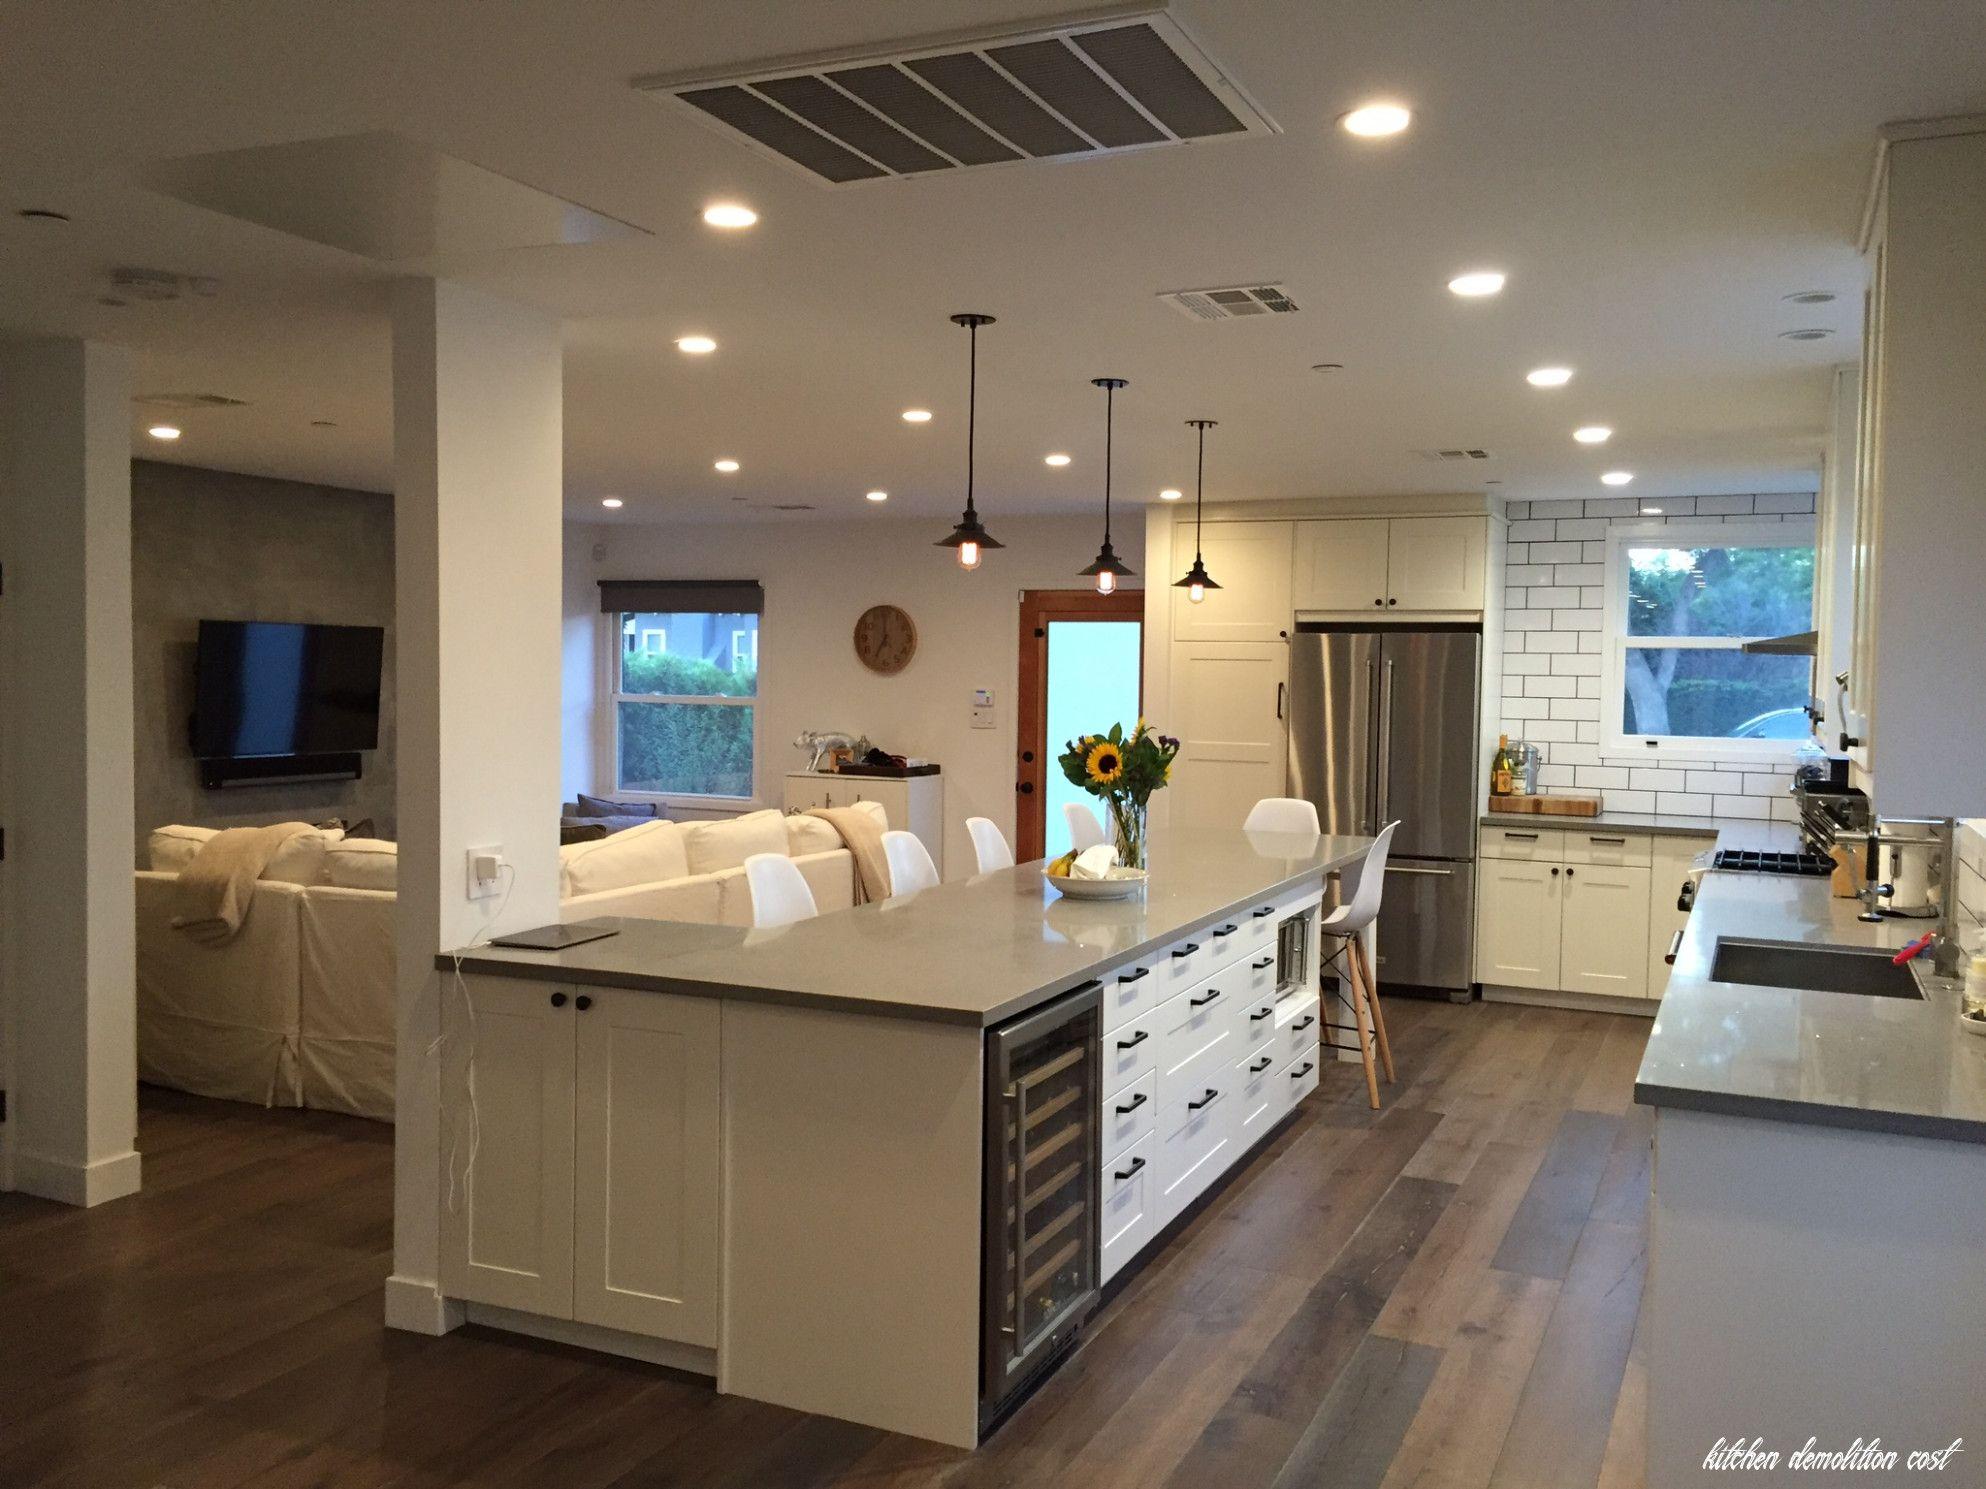 Kitchen Demolition Cost In 2020 Cheap Kitchen Remodel Budget Kitchen Remodel Kitchen Renovation Cost